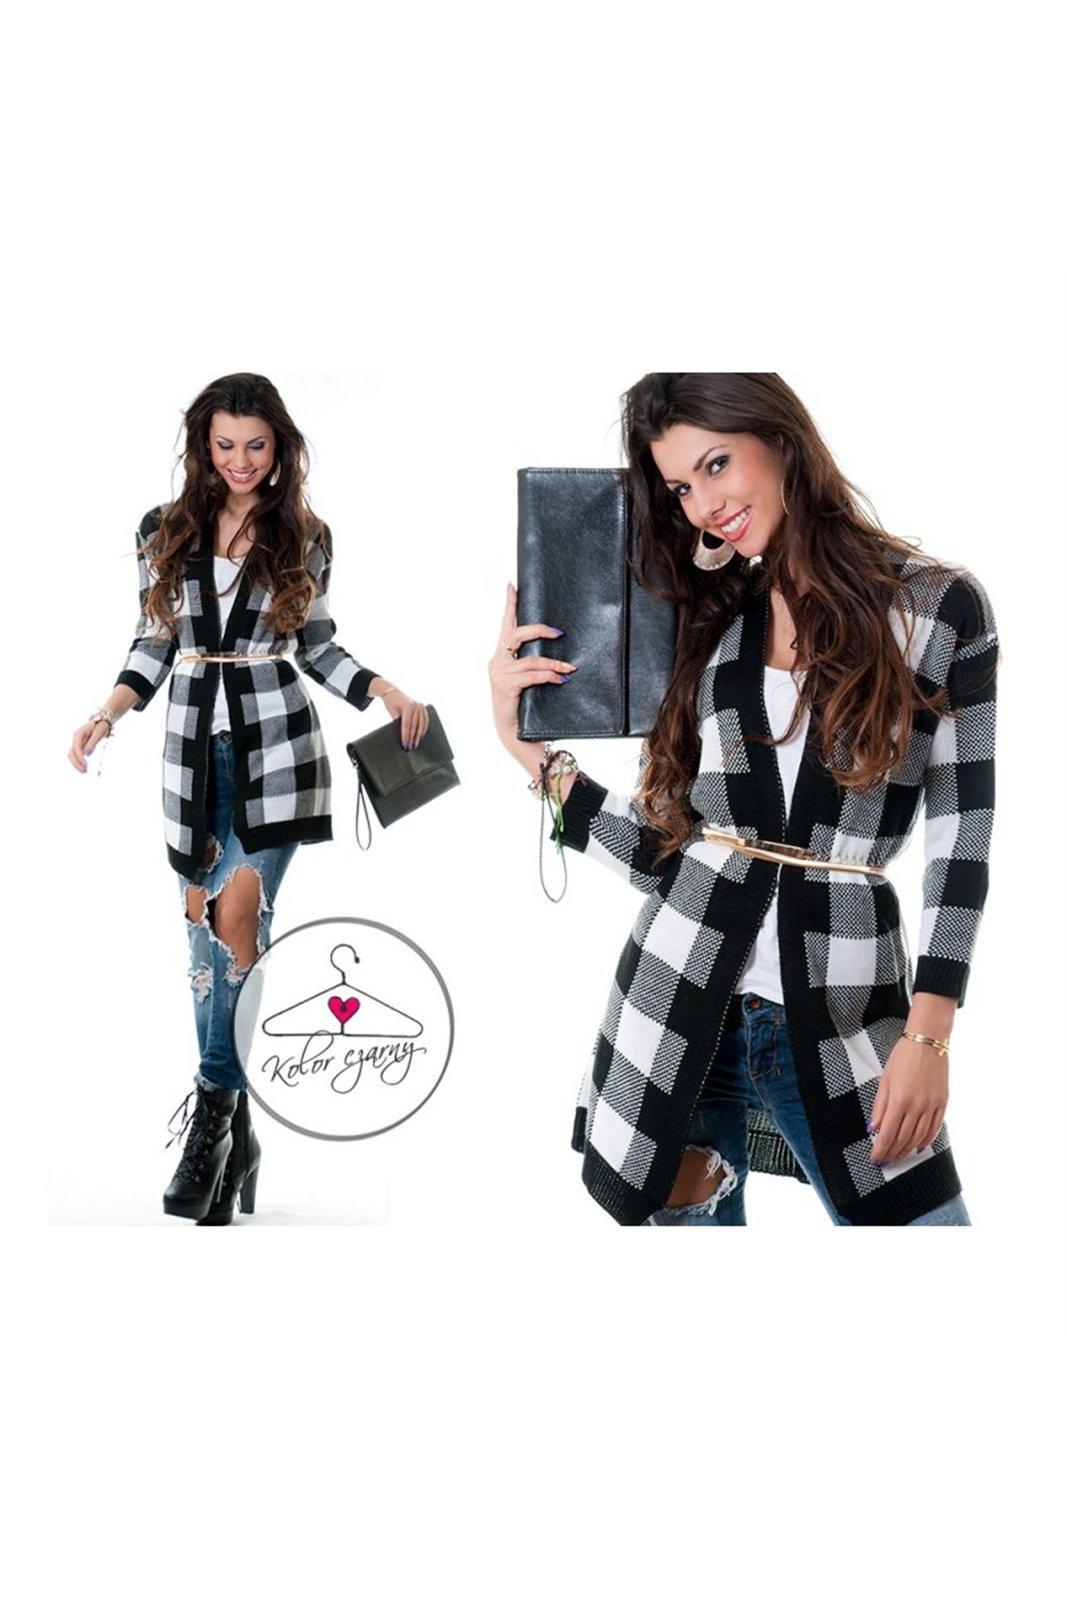 Сбор заказов. Распродажа супер модной женской одежды польских производителей. Скидки до 70 %. Огромный выбор одежды: жакеты, платья, вязаные кардиганы, блузки и другое.